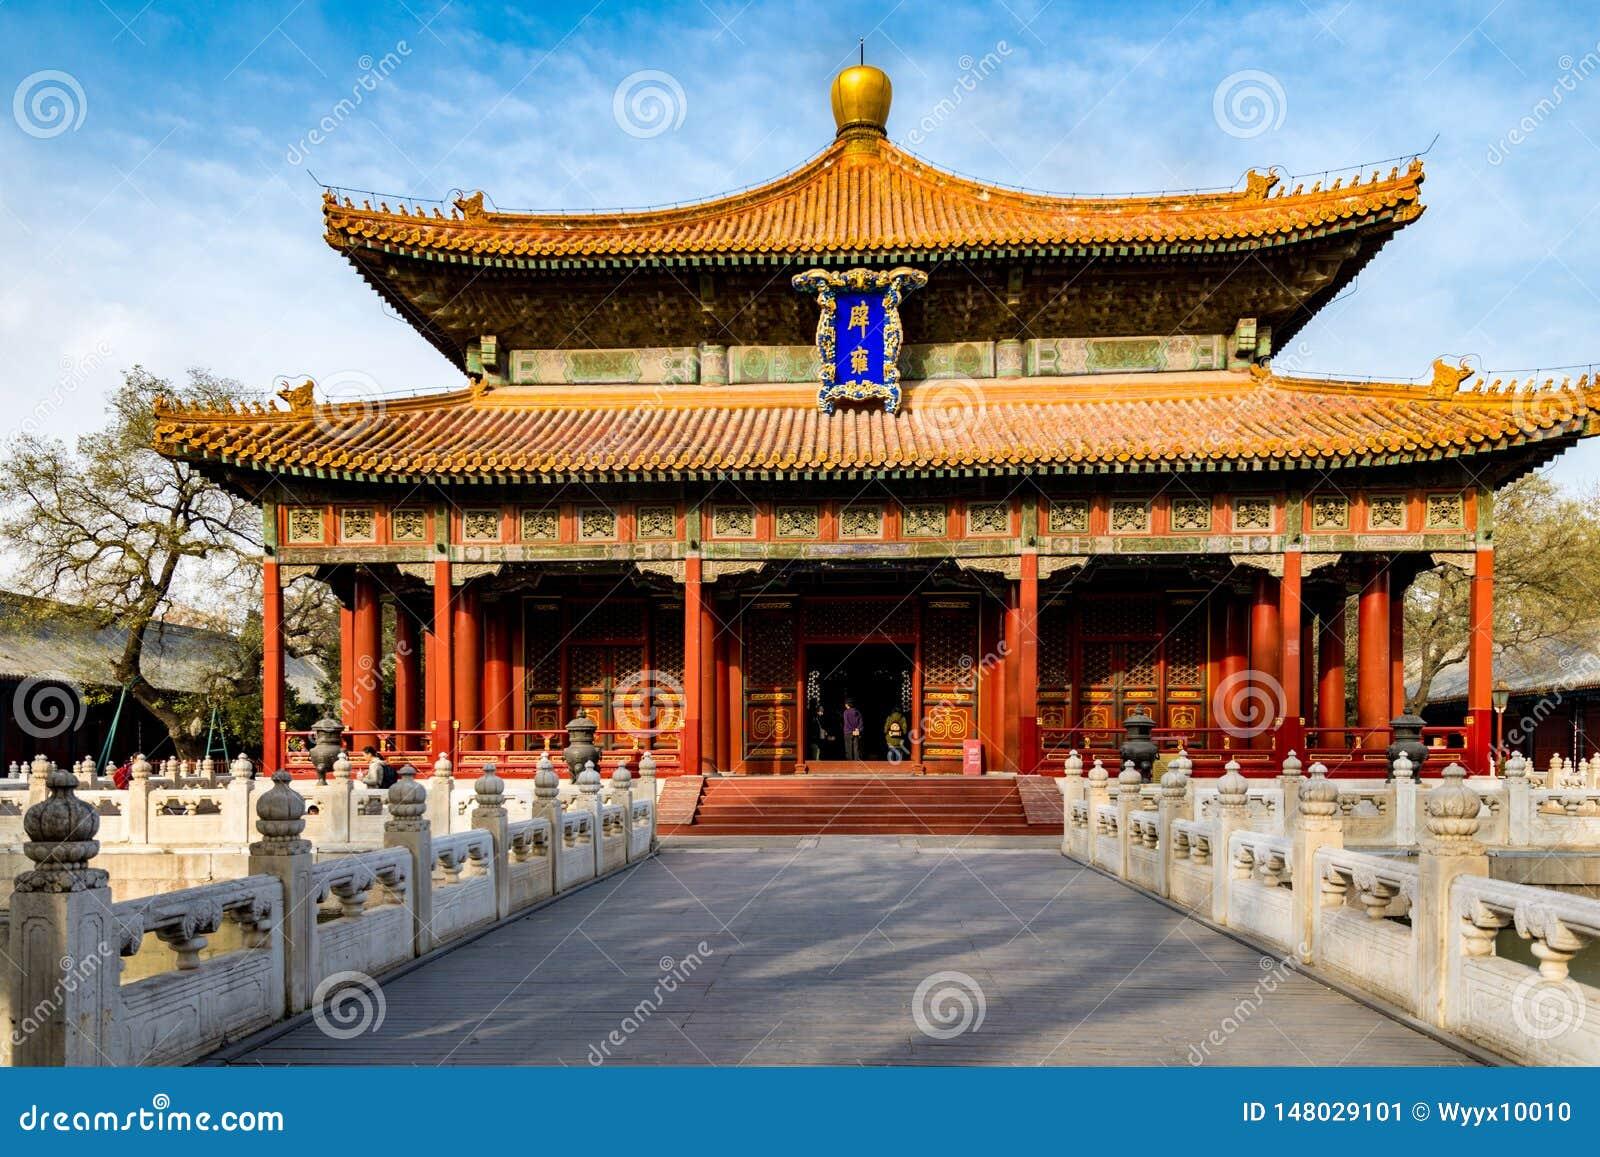 Arquitetura clássica e histórica no Pequim, China